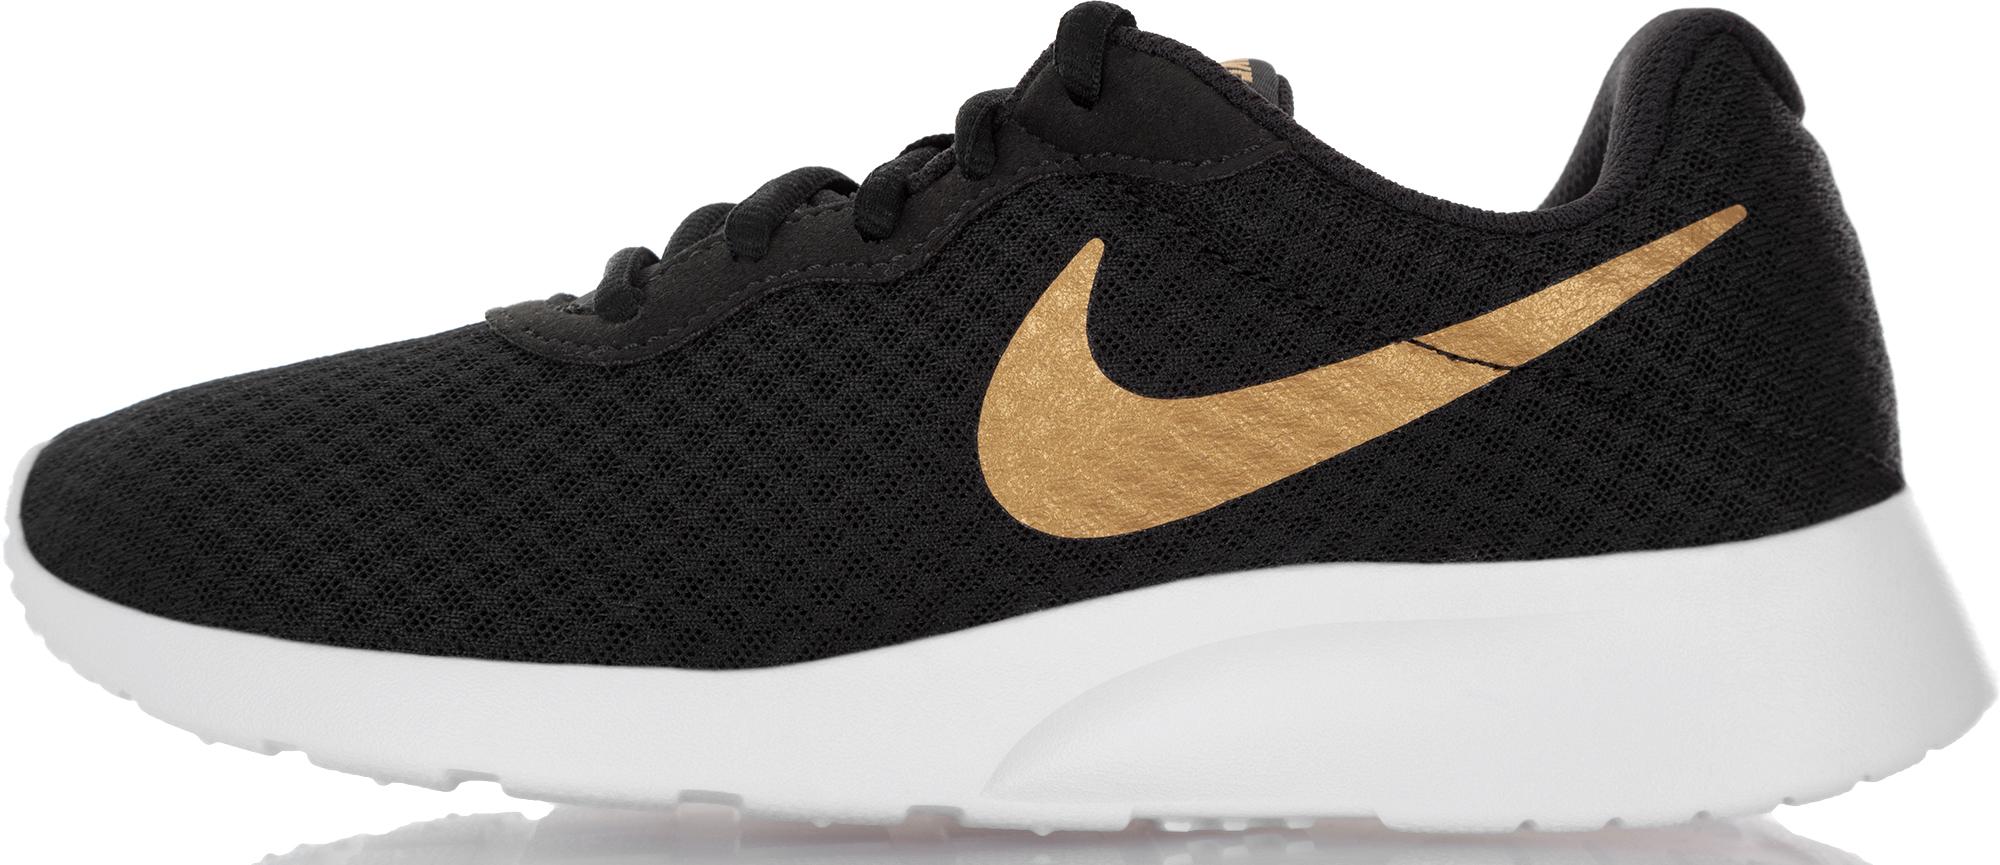 Nike Кроссовки женские Nike Tanjun найк белые кроссовки женские аир